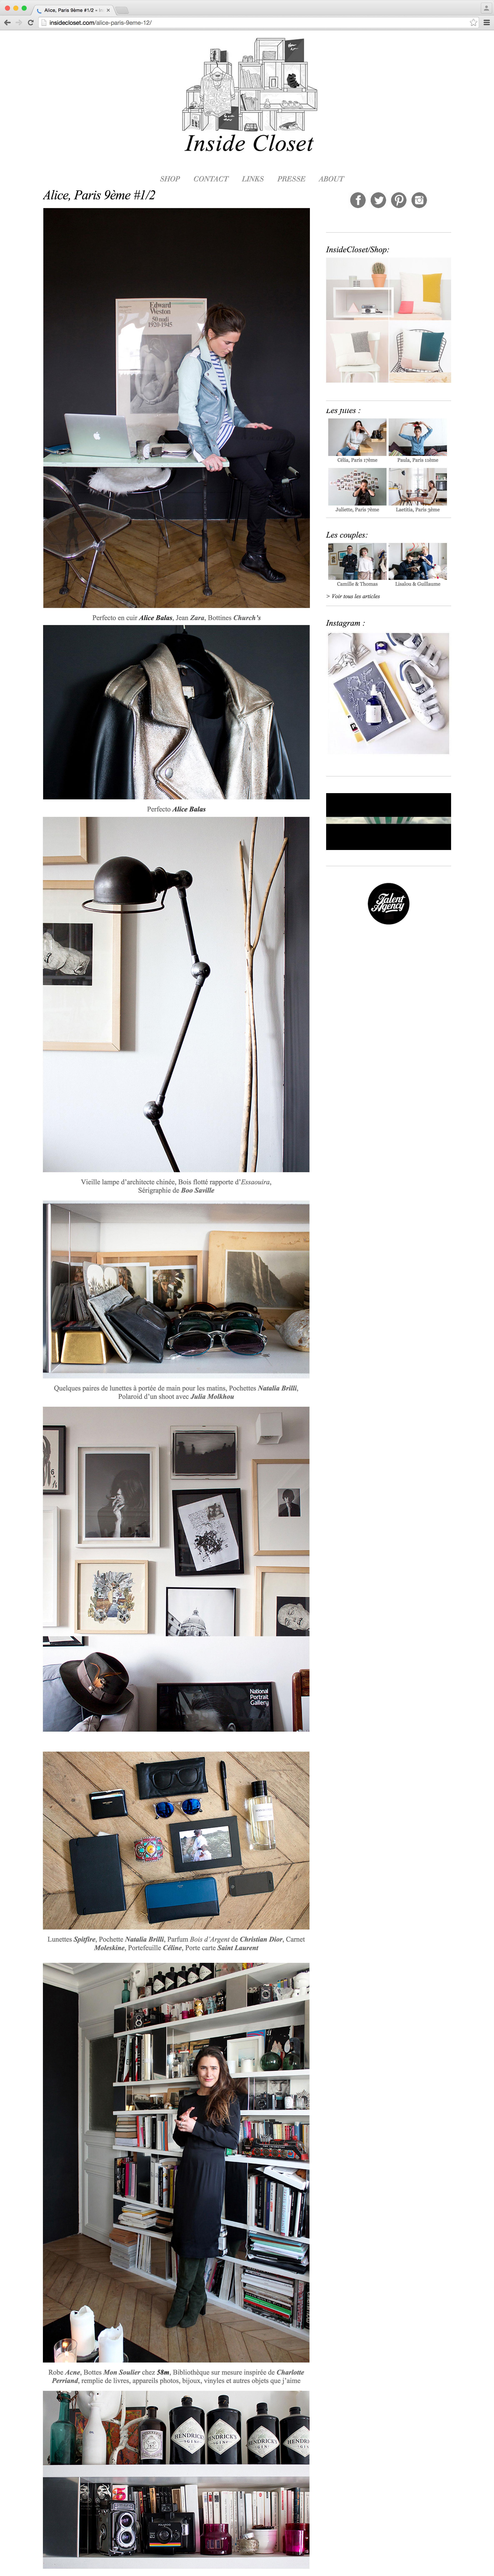 alicebalas_inside_closet.jpg